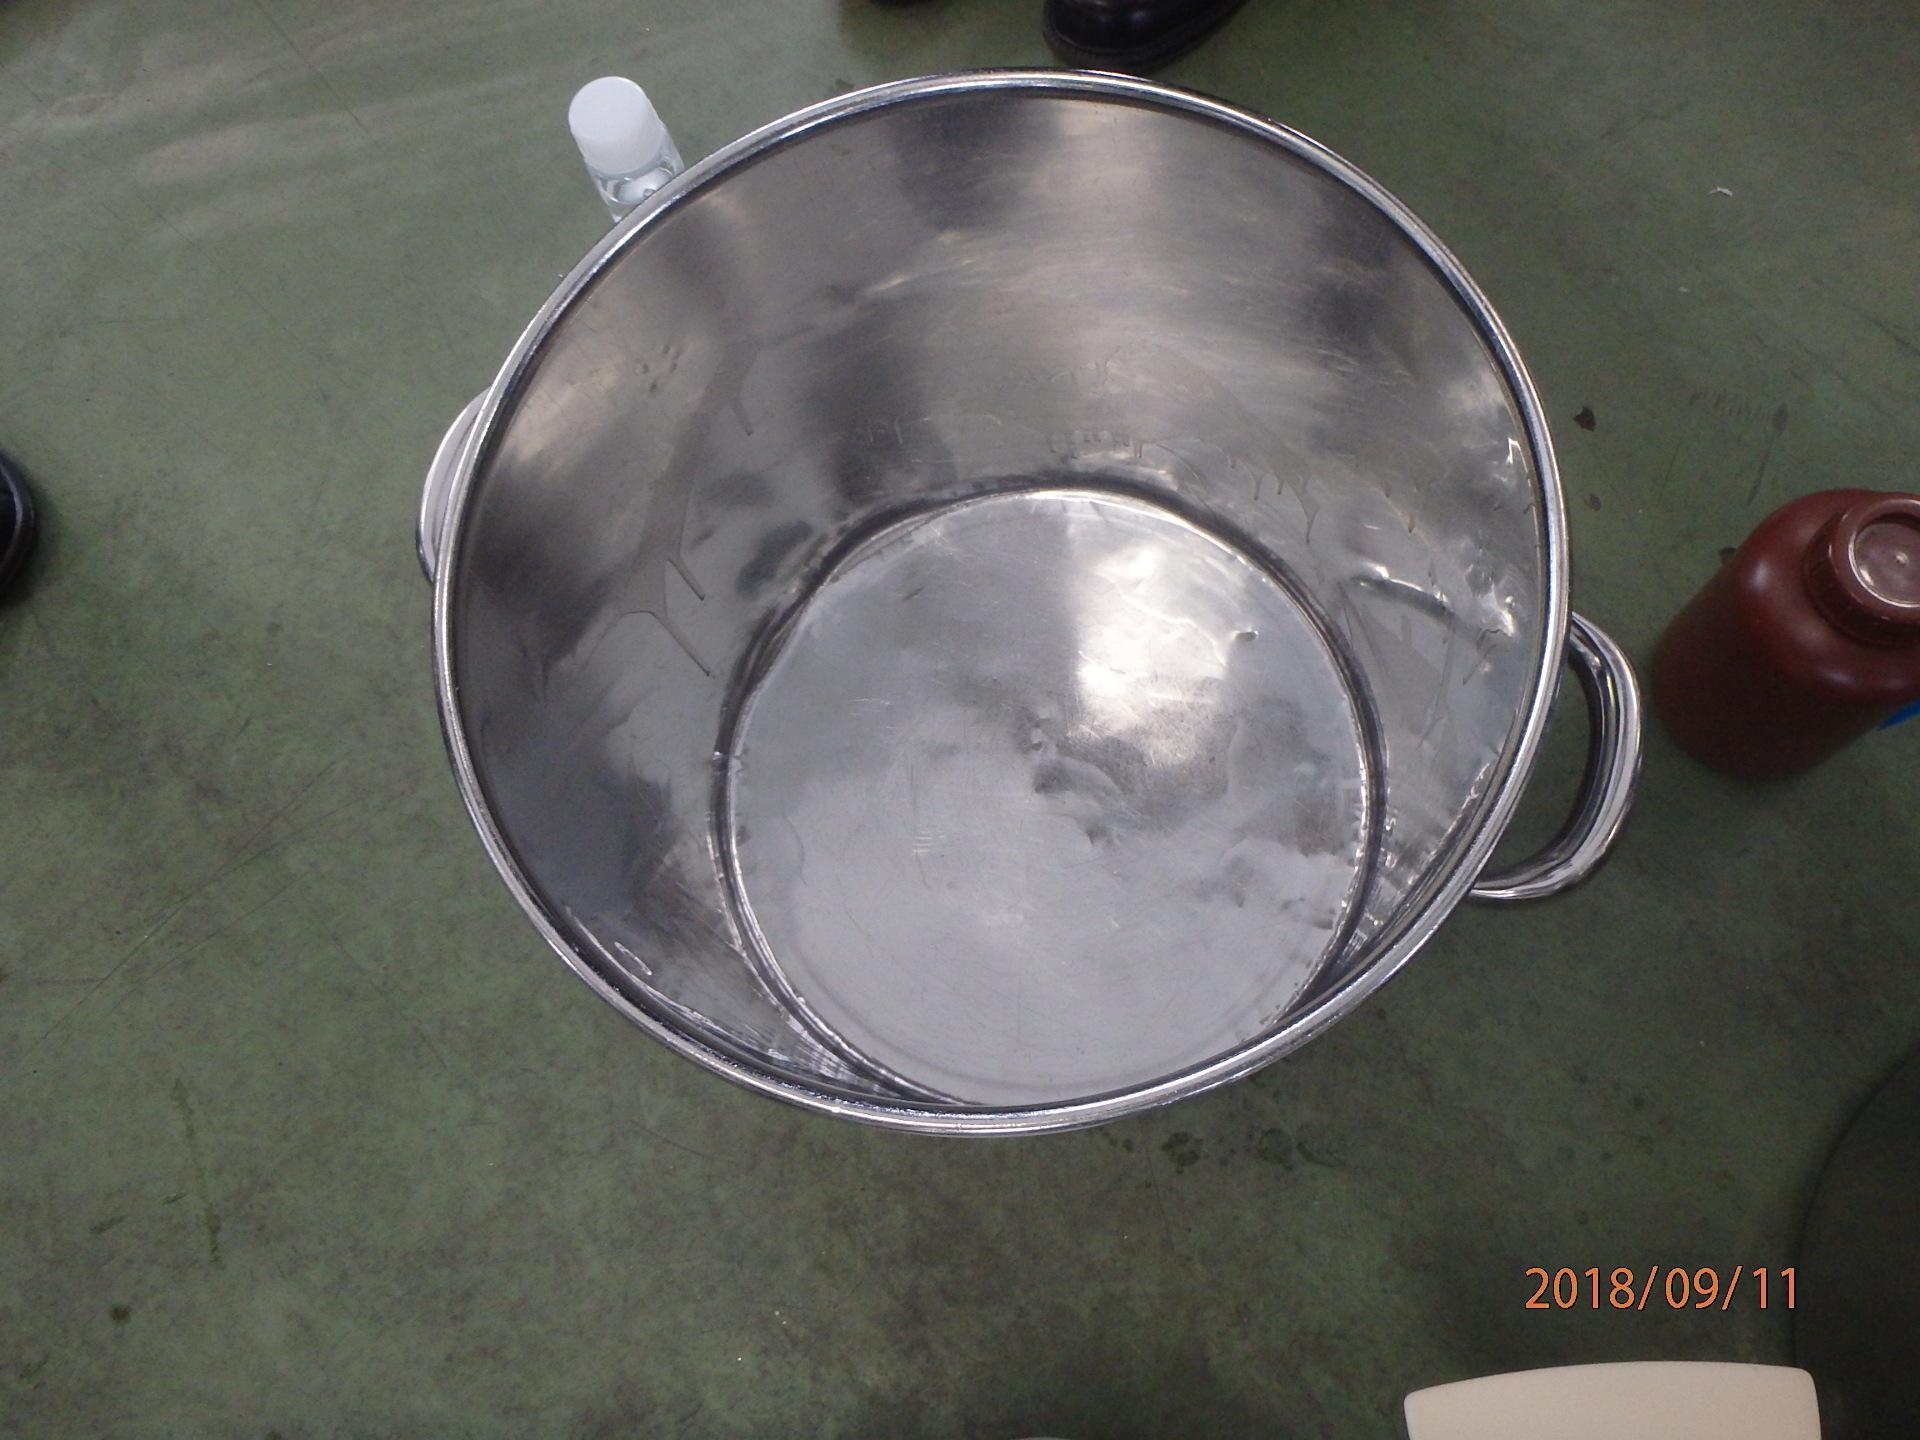 化粧品原料用容器 洗浄テスト実績 003-photo